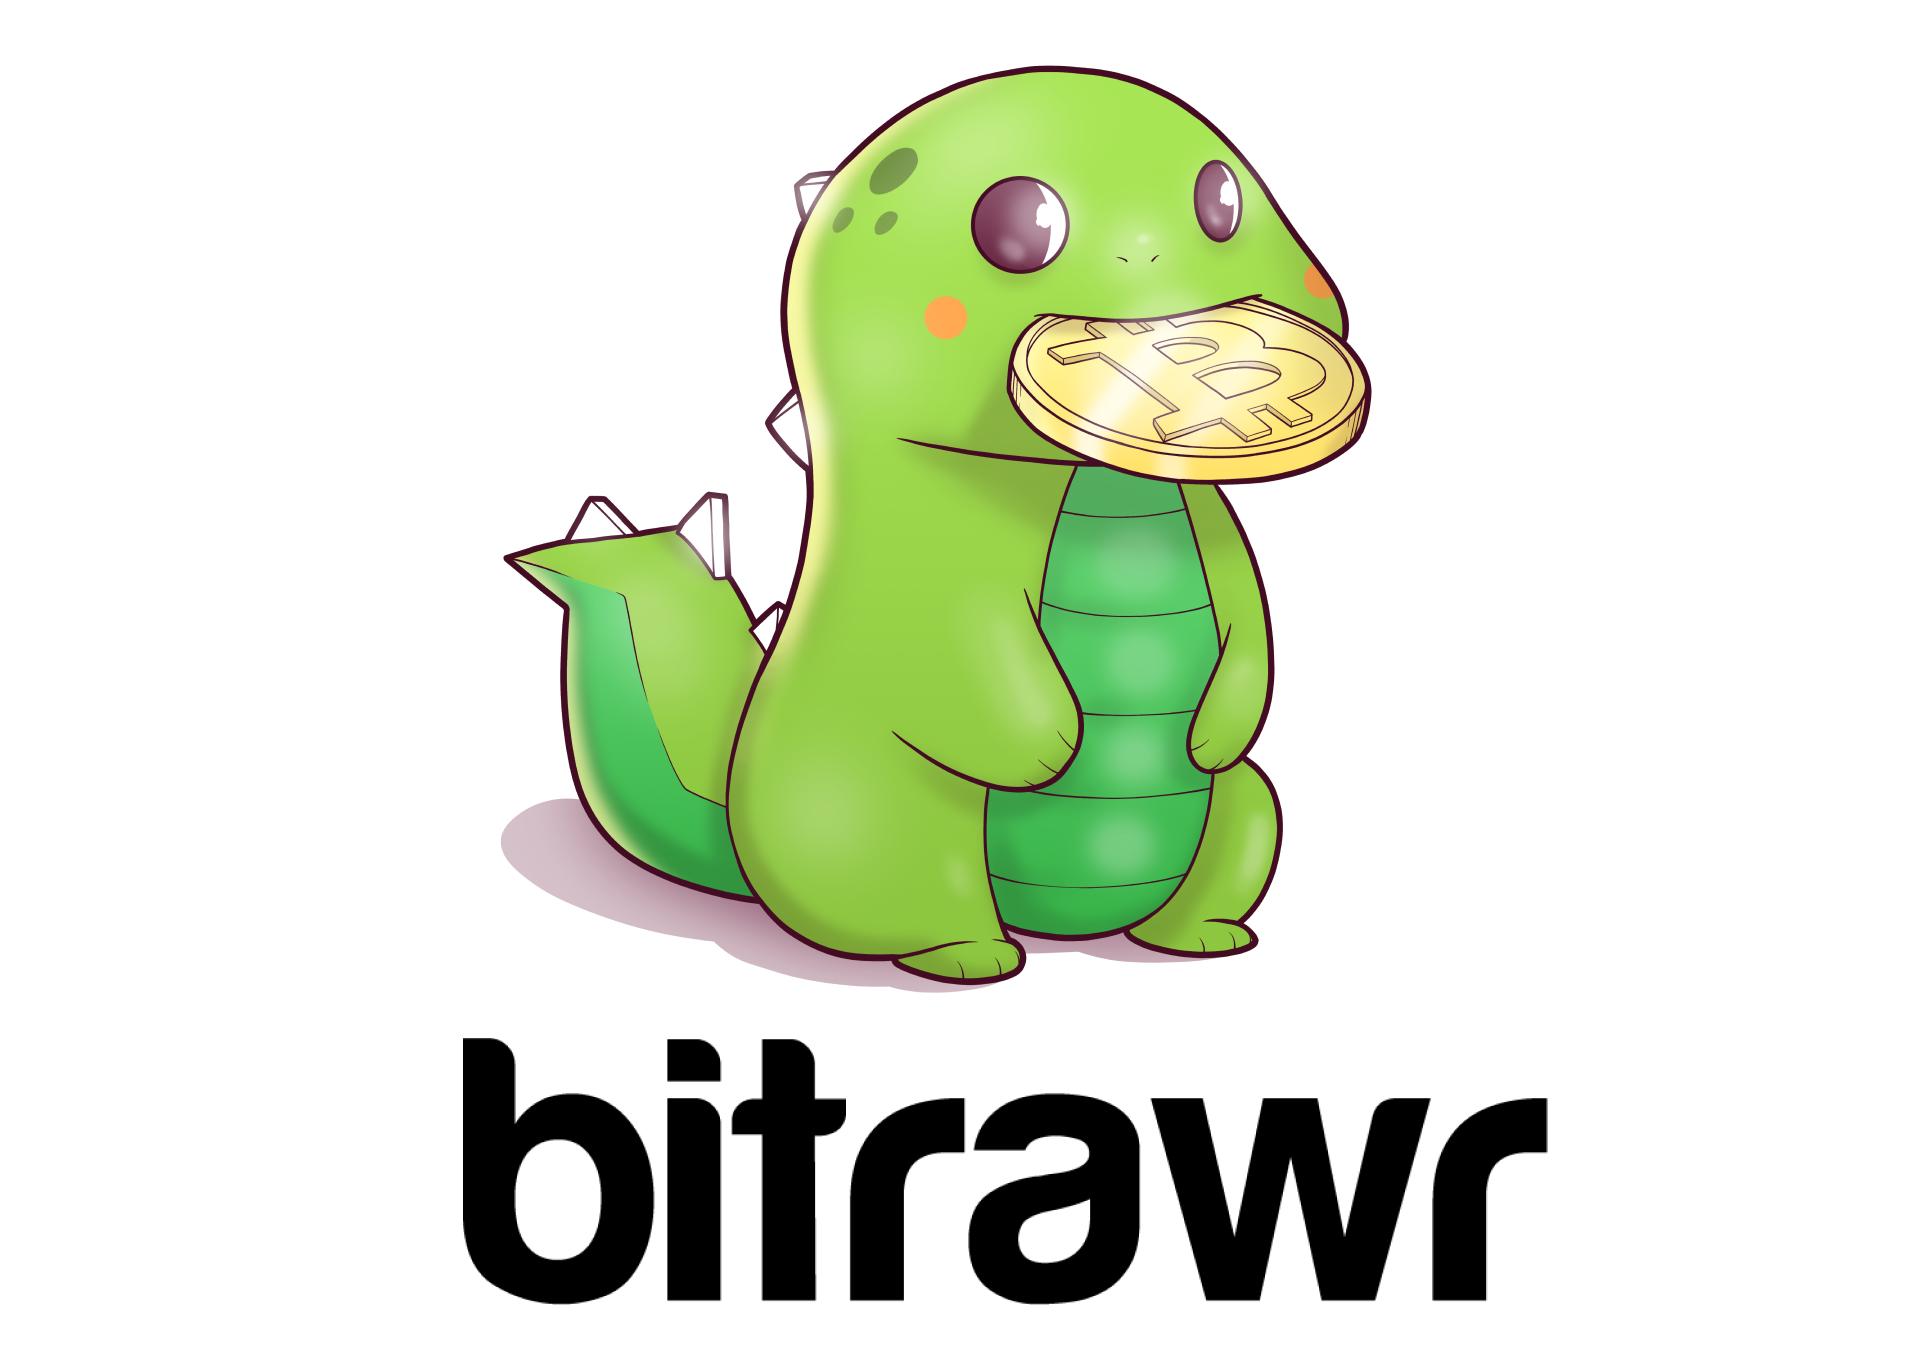 galiu nusipirkti bitcoin per ameritriadą